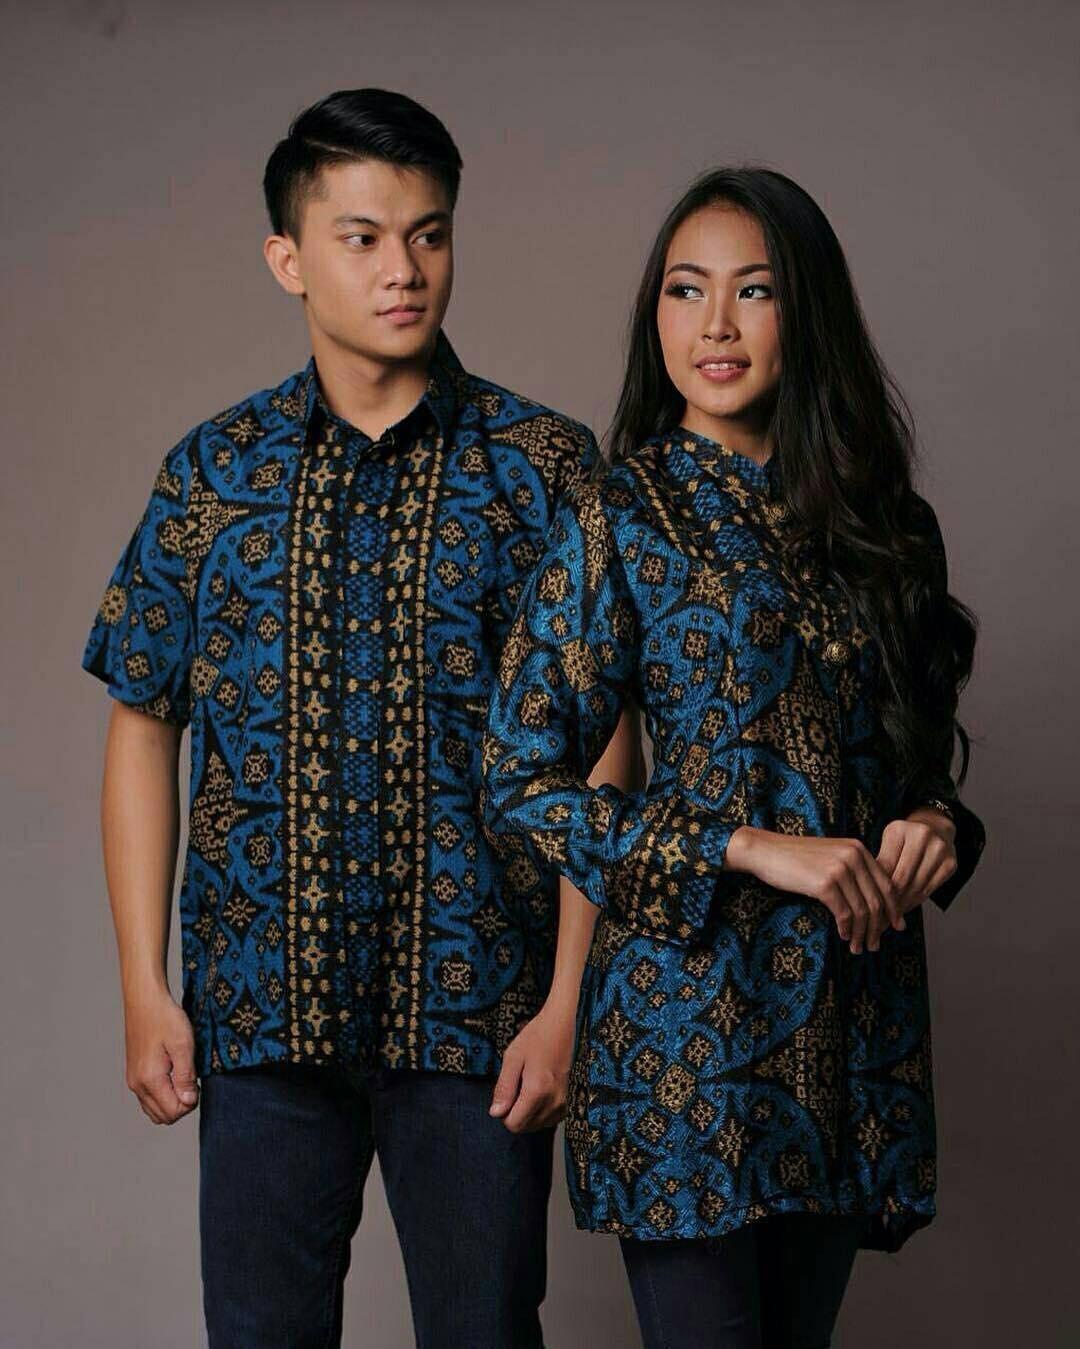 30 Model Baju Batik Terpopuler 2017 Tips Memaksimalkan Penampilan